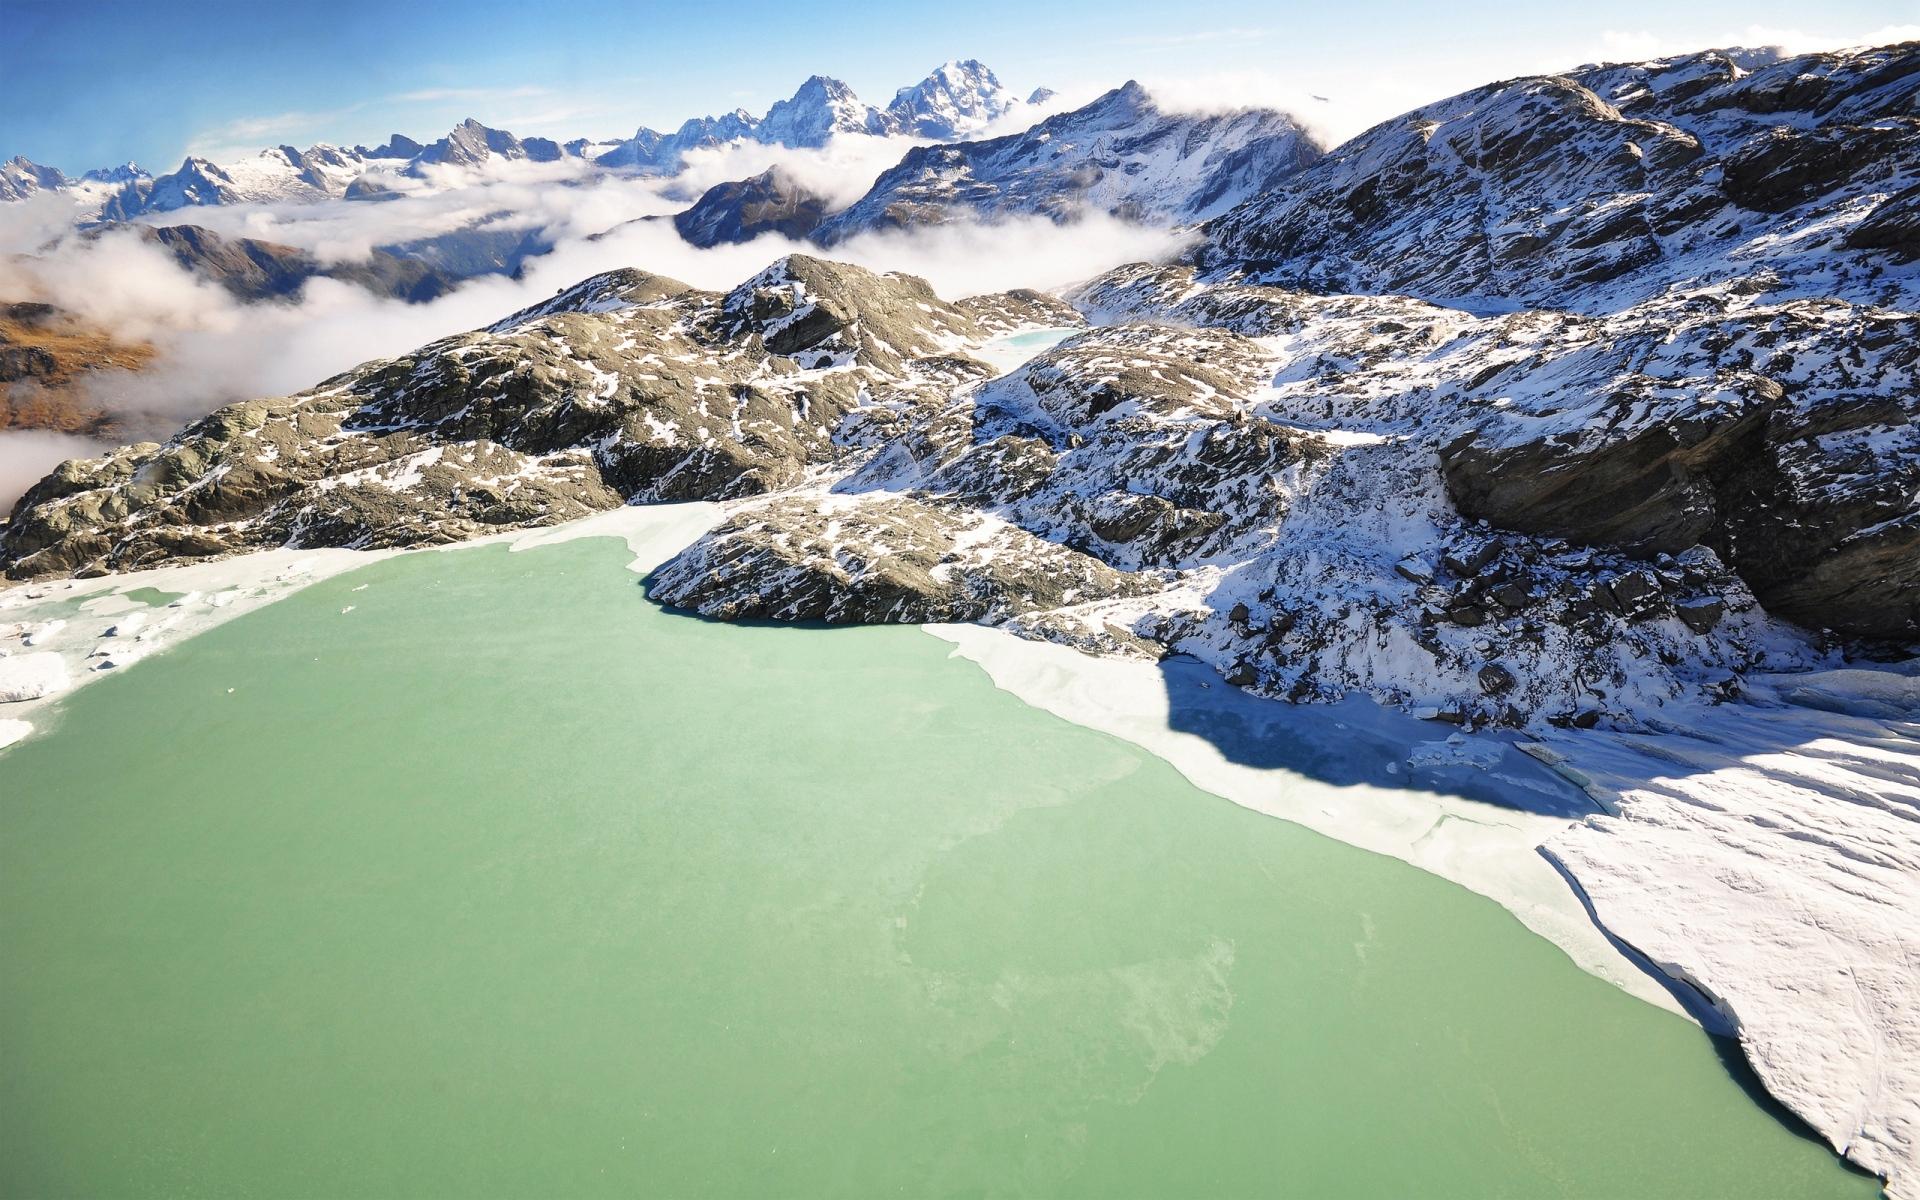 Картинки озеро, горы, лед, зеленый, холодный , пленение, зима, туман, поверхность фото и обои на рабочий стол